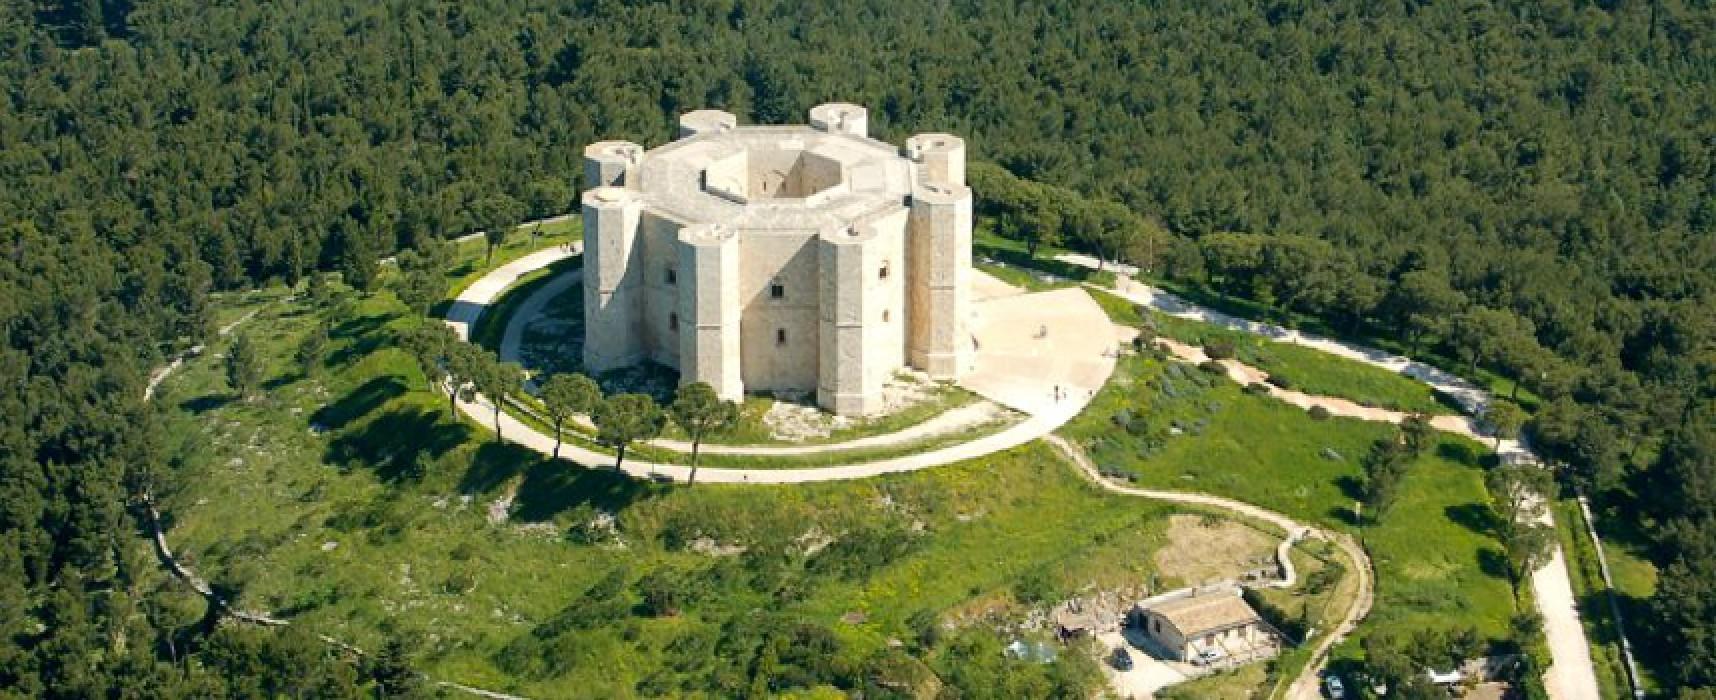 """Rassegna """"Storia a santa Margherita"""", si parla del Castel del Monte con Massimiliano Ambruoso"""